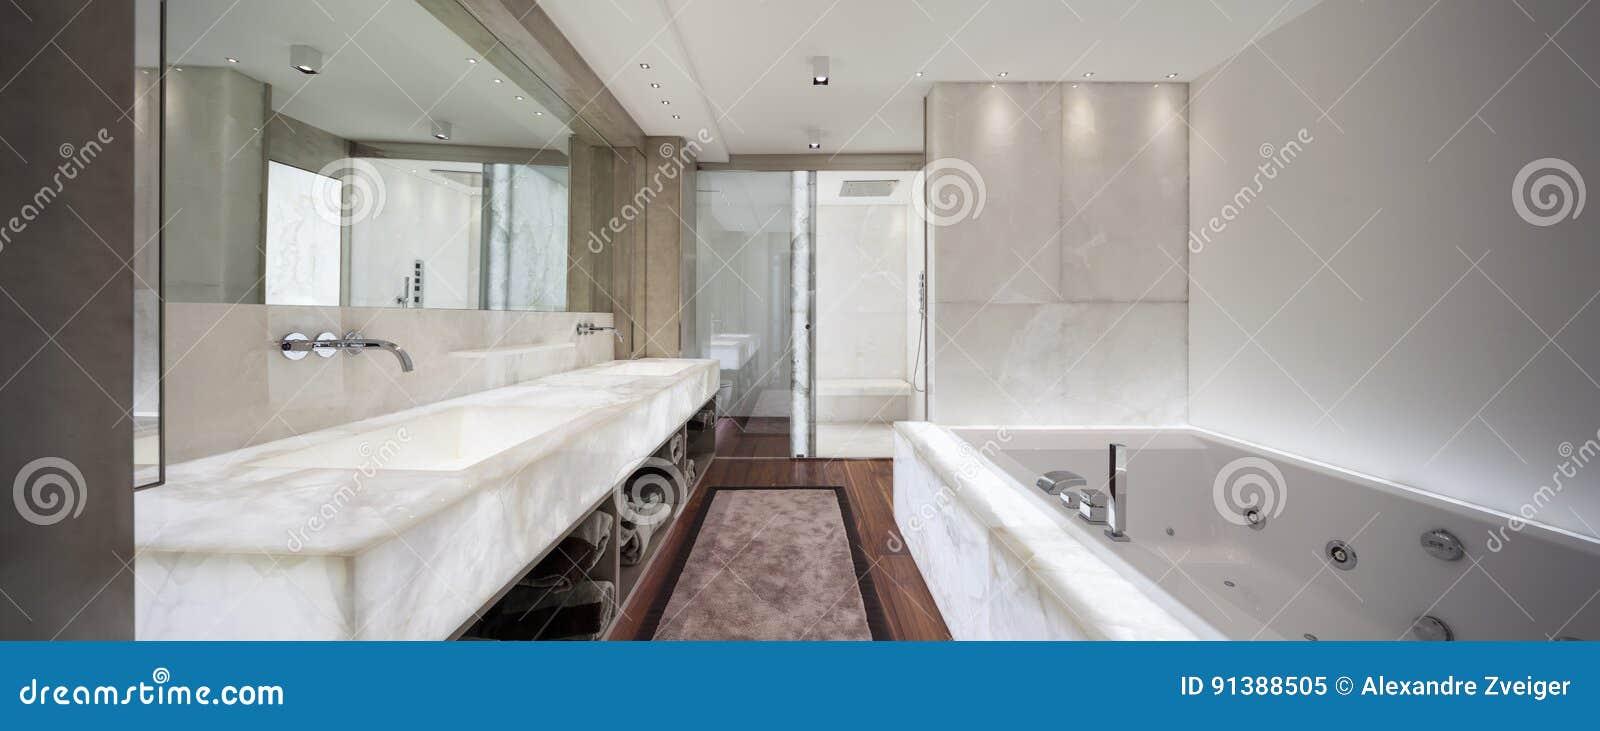 Bagno Moderno Con Parquet.Bagno Moderno Con Marmo Ed Il Parquet Nessuno Immagine Stock